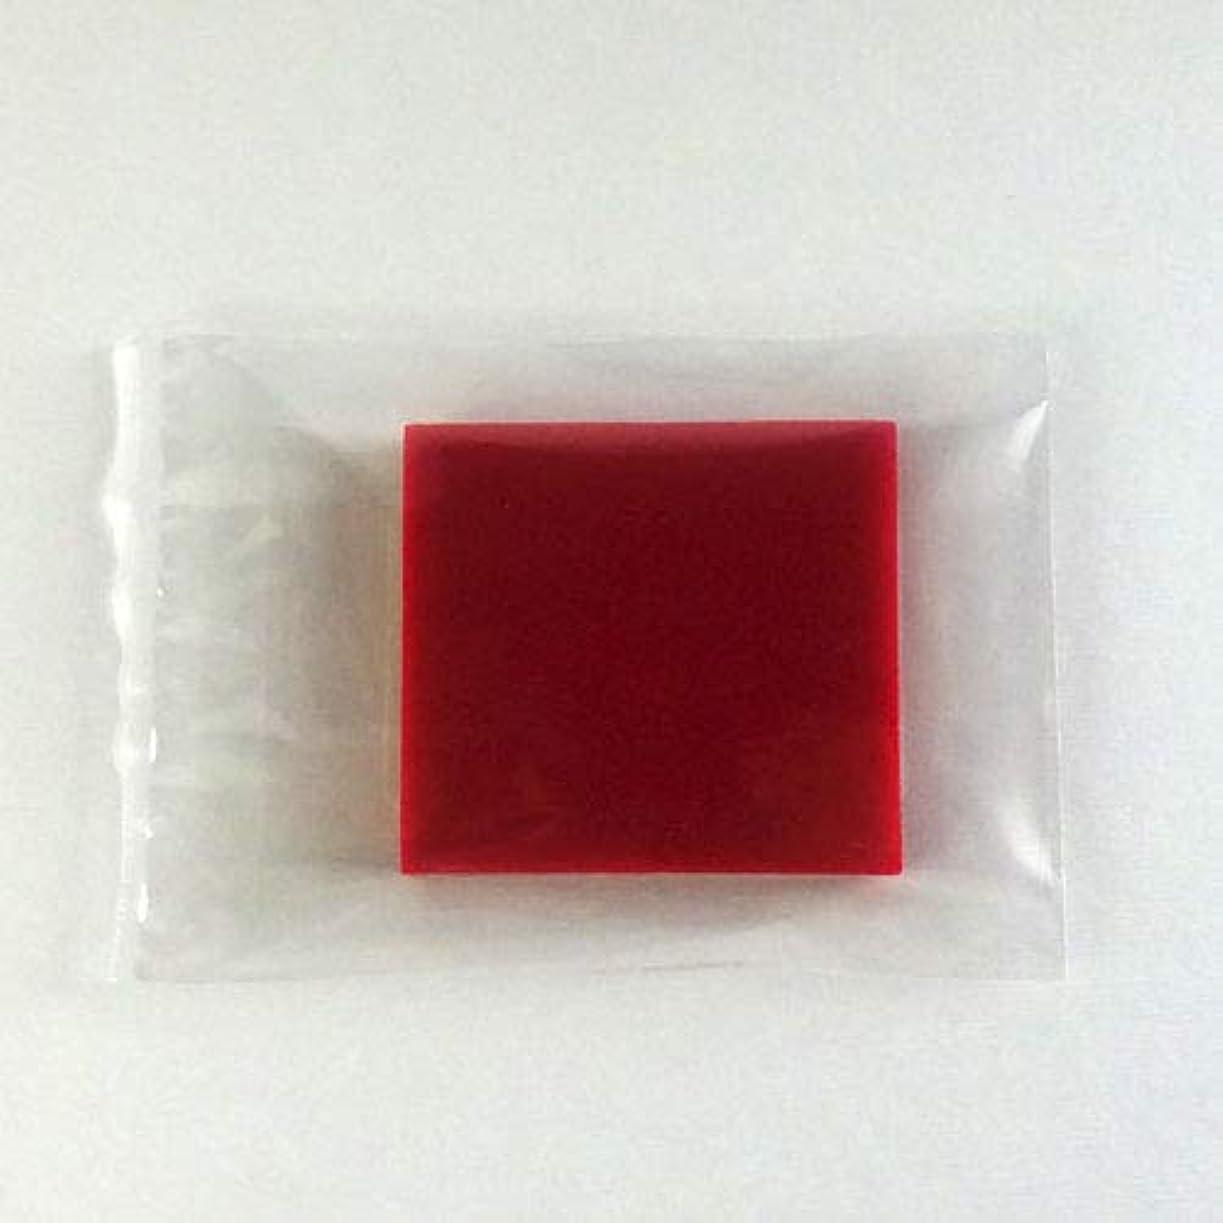 毒液ぴったり惨めなグリセリンソープ MPソープ 色チップ 赤(レッド) 30g